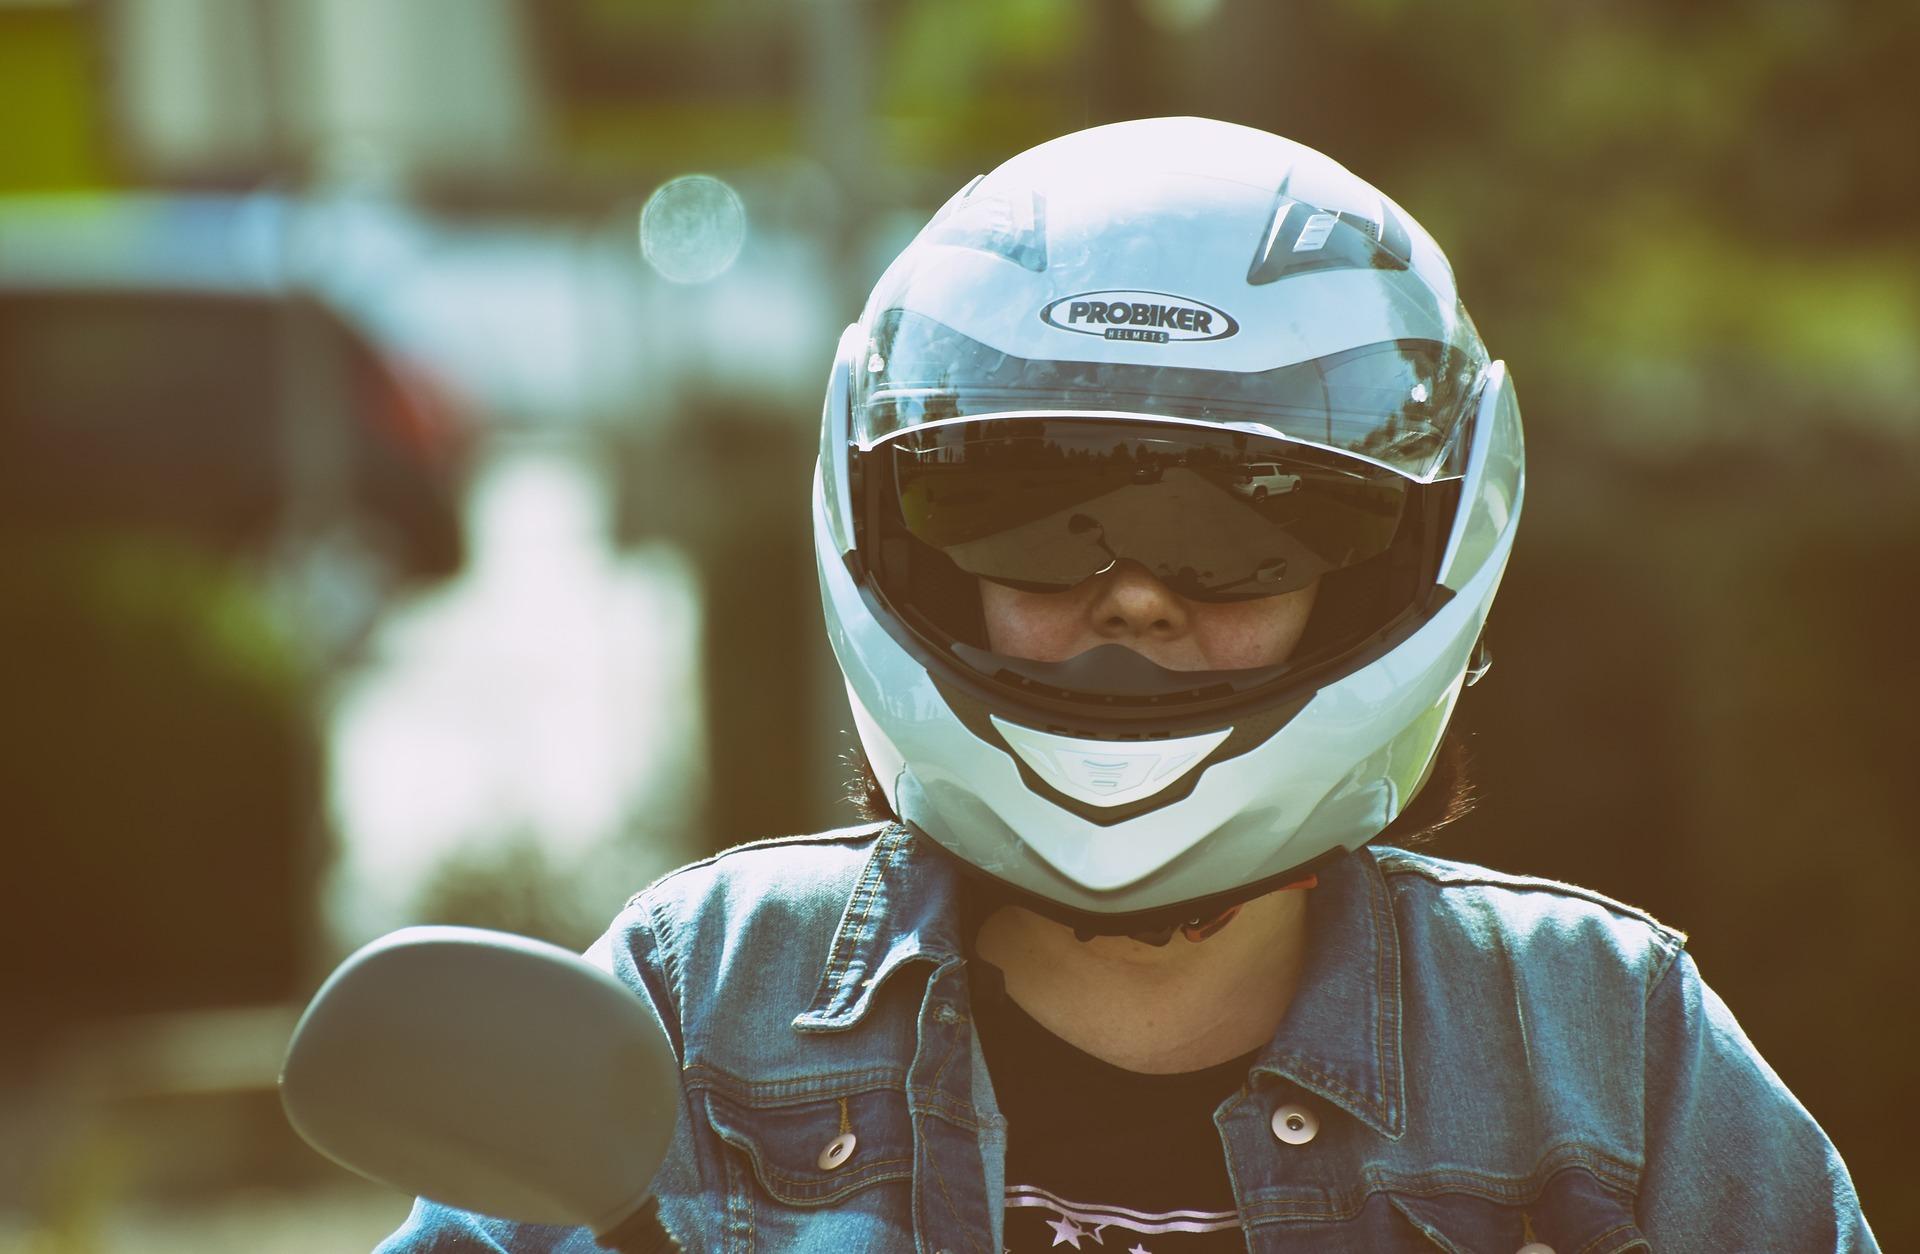 Steeds vaker onveilig gevoel door te hard rijdende scooters